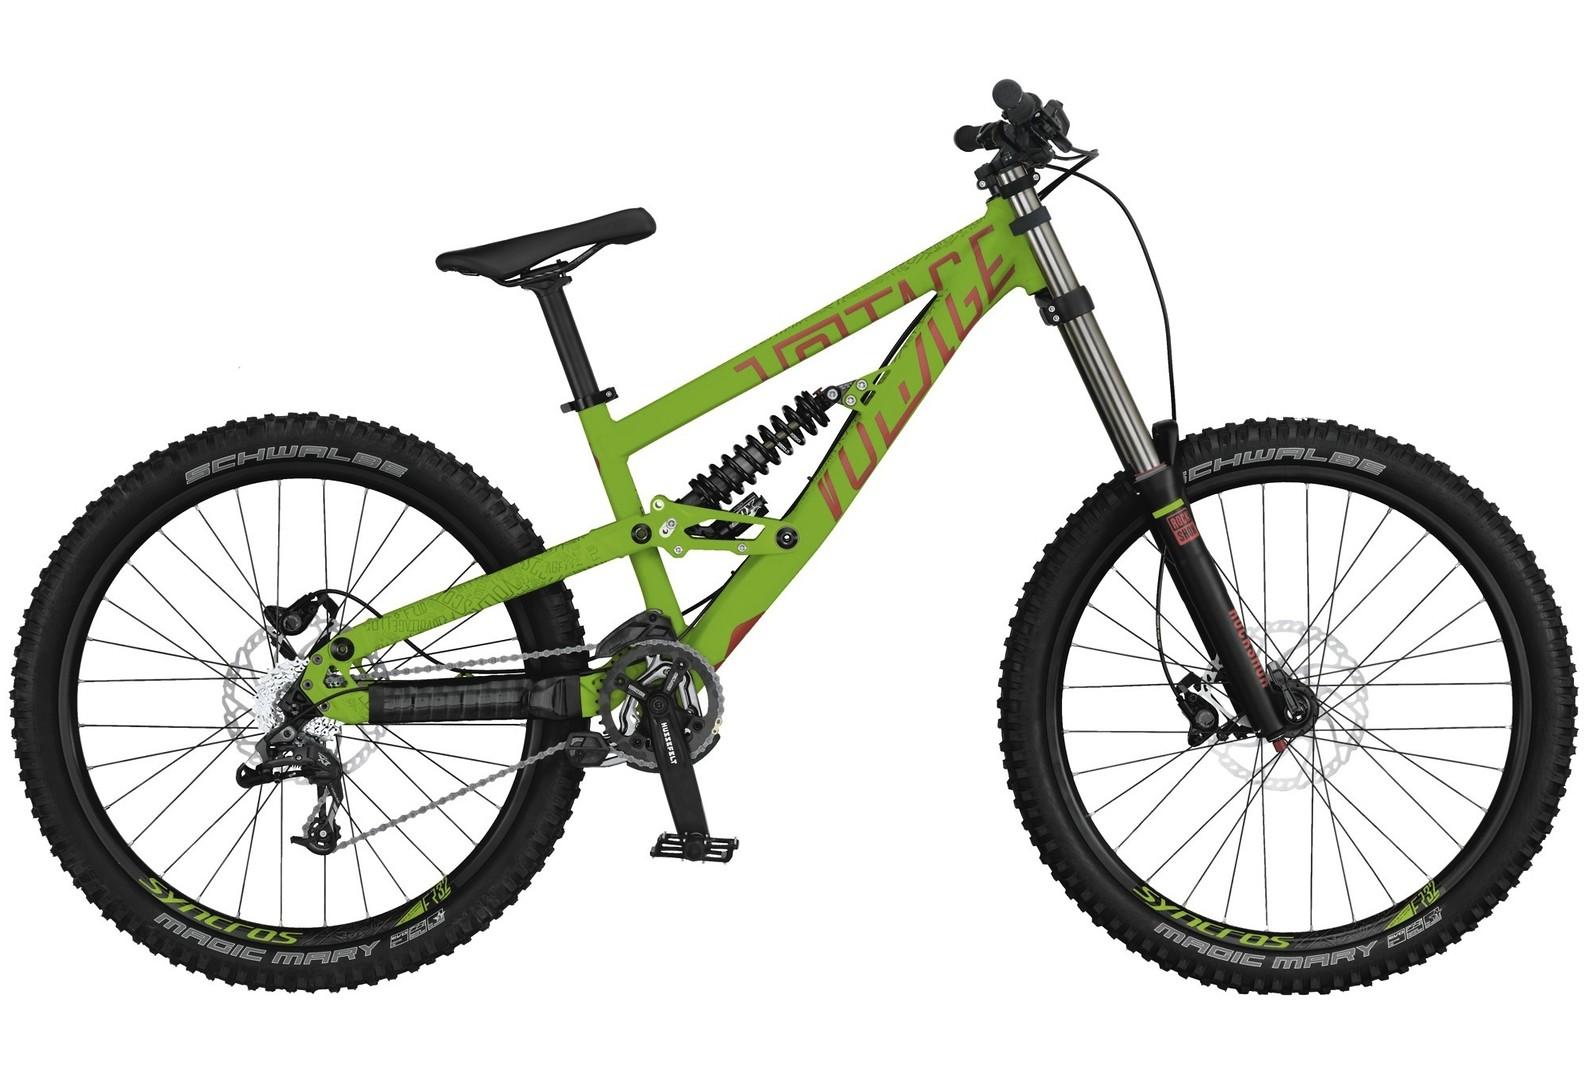 2014 Scott Voltage Fr 10 Bike Reviews Comparisons